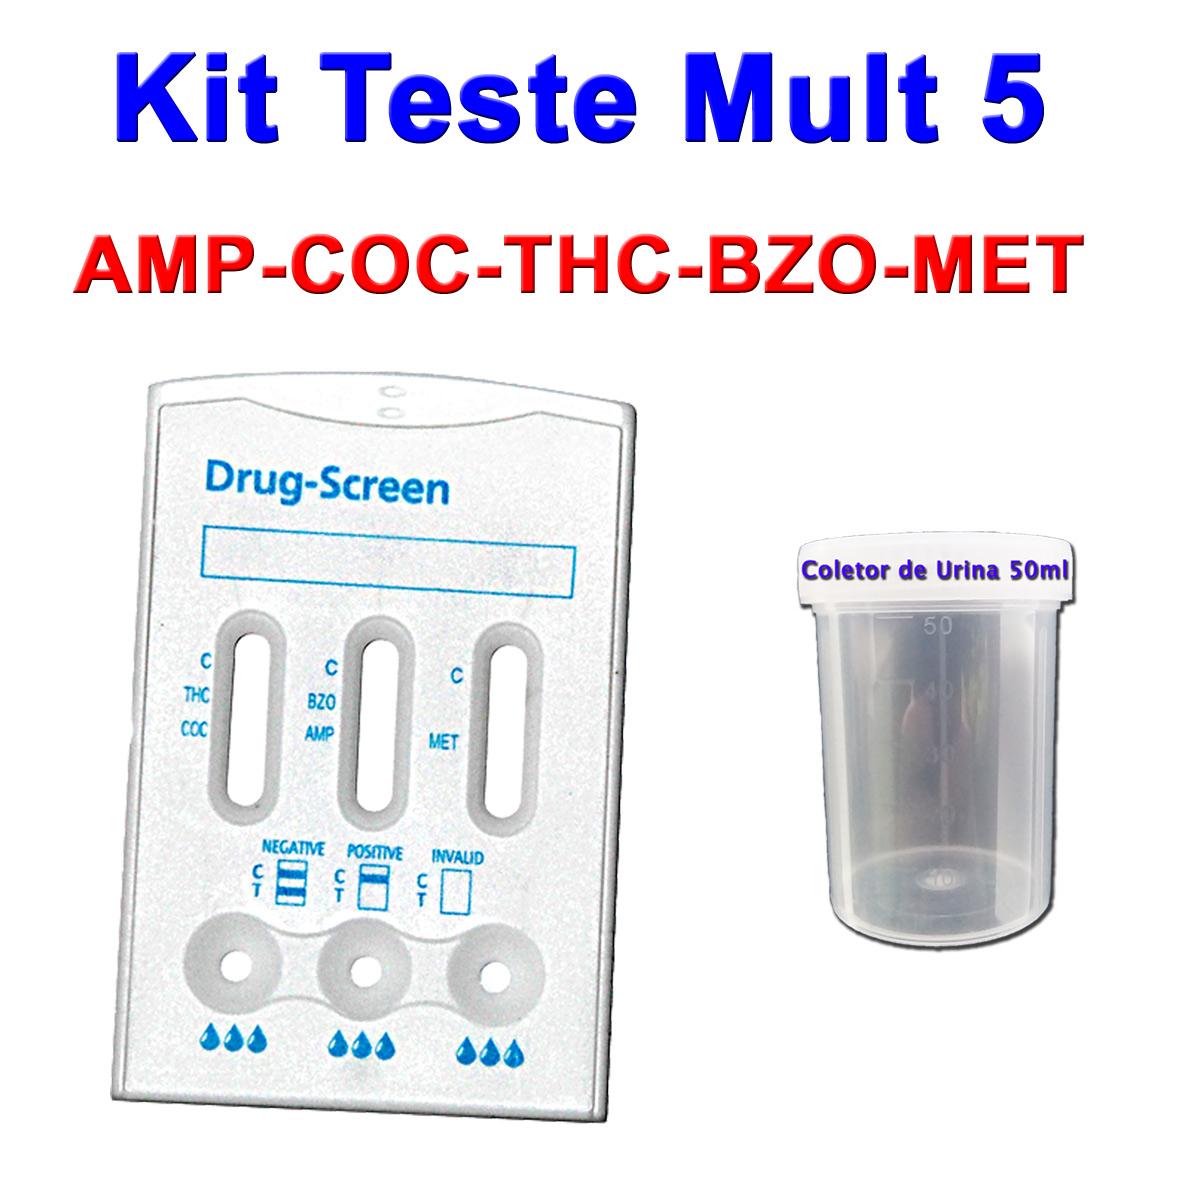 1 kit Para Teste Mult 5  - Loja Saúde - Diagnósticos e Produtos Naturais